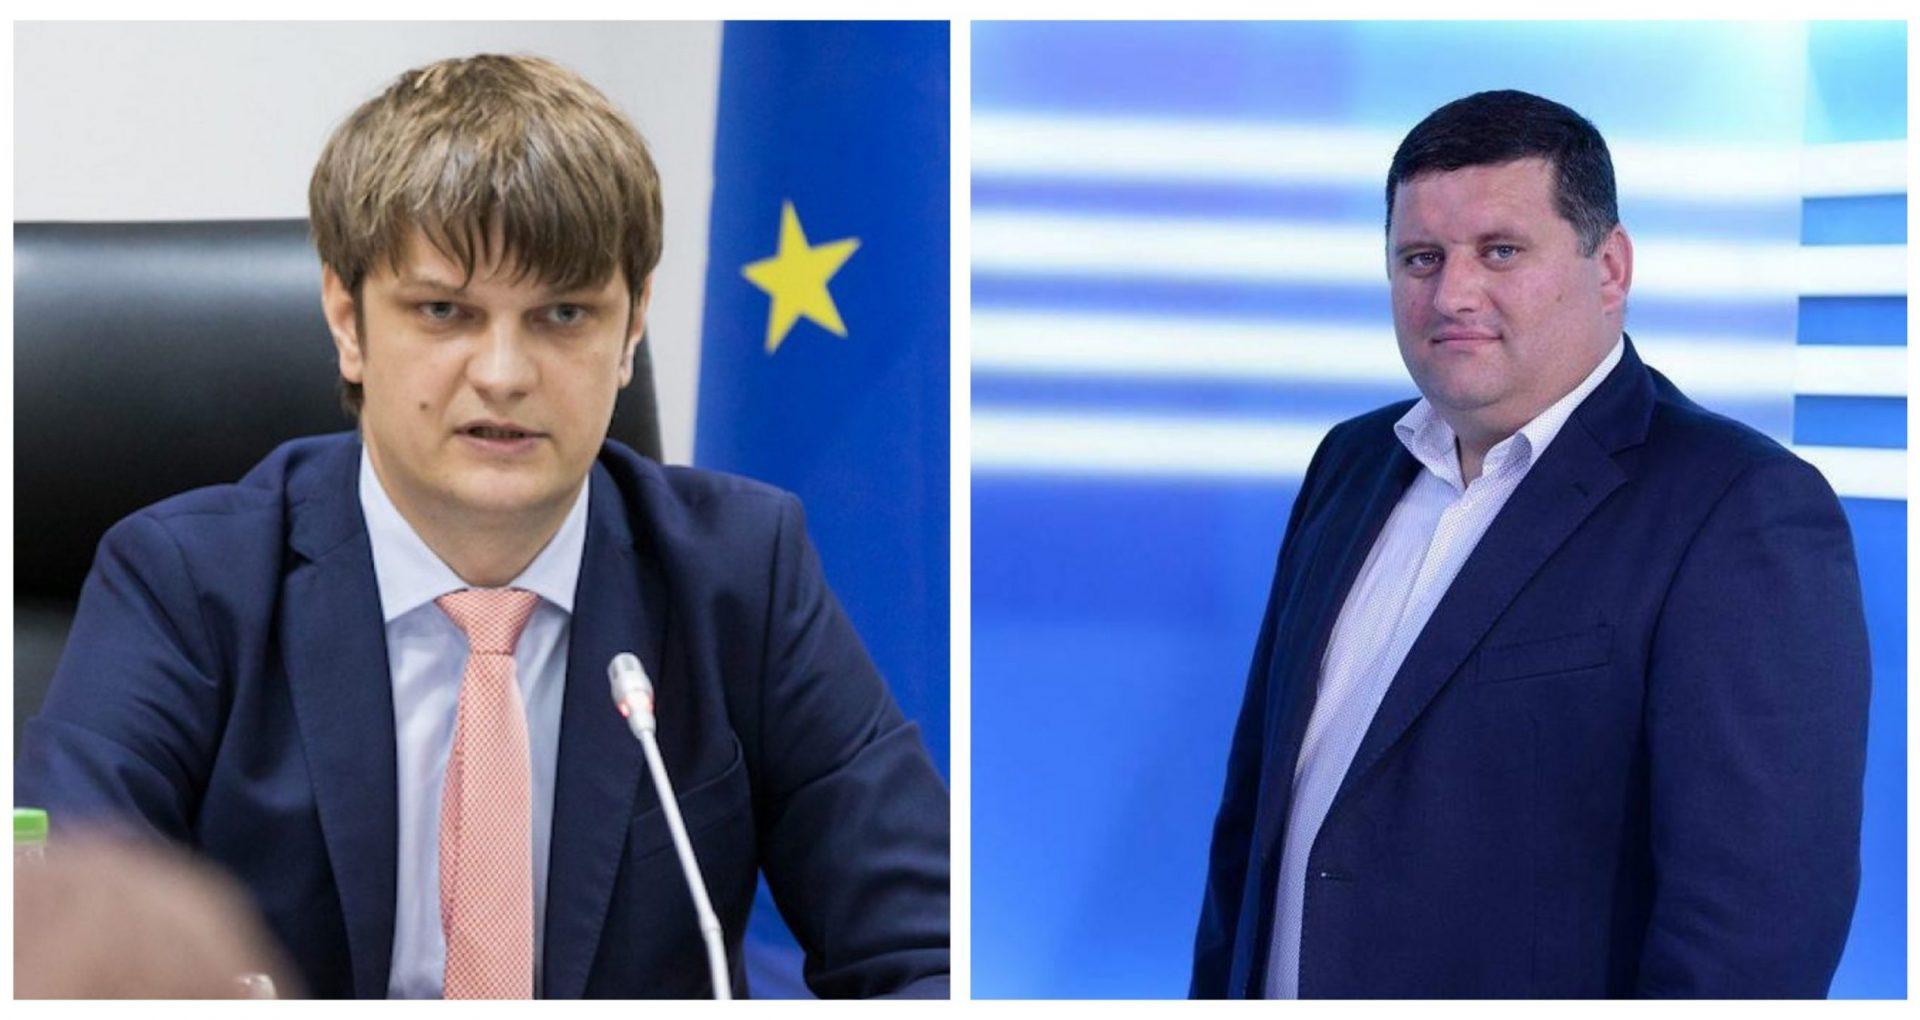 DOC/ Un deputat socialist a sesizat PG, ANI și CEC pentru a-l supune controlului pe secretarul general al Aparatului Președintelui, Andrei Spînu